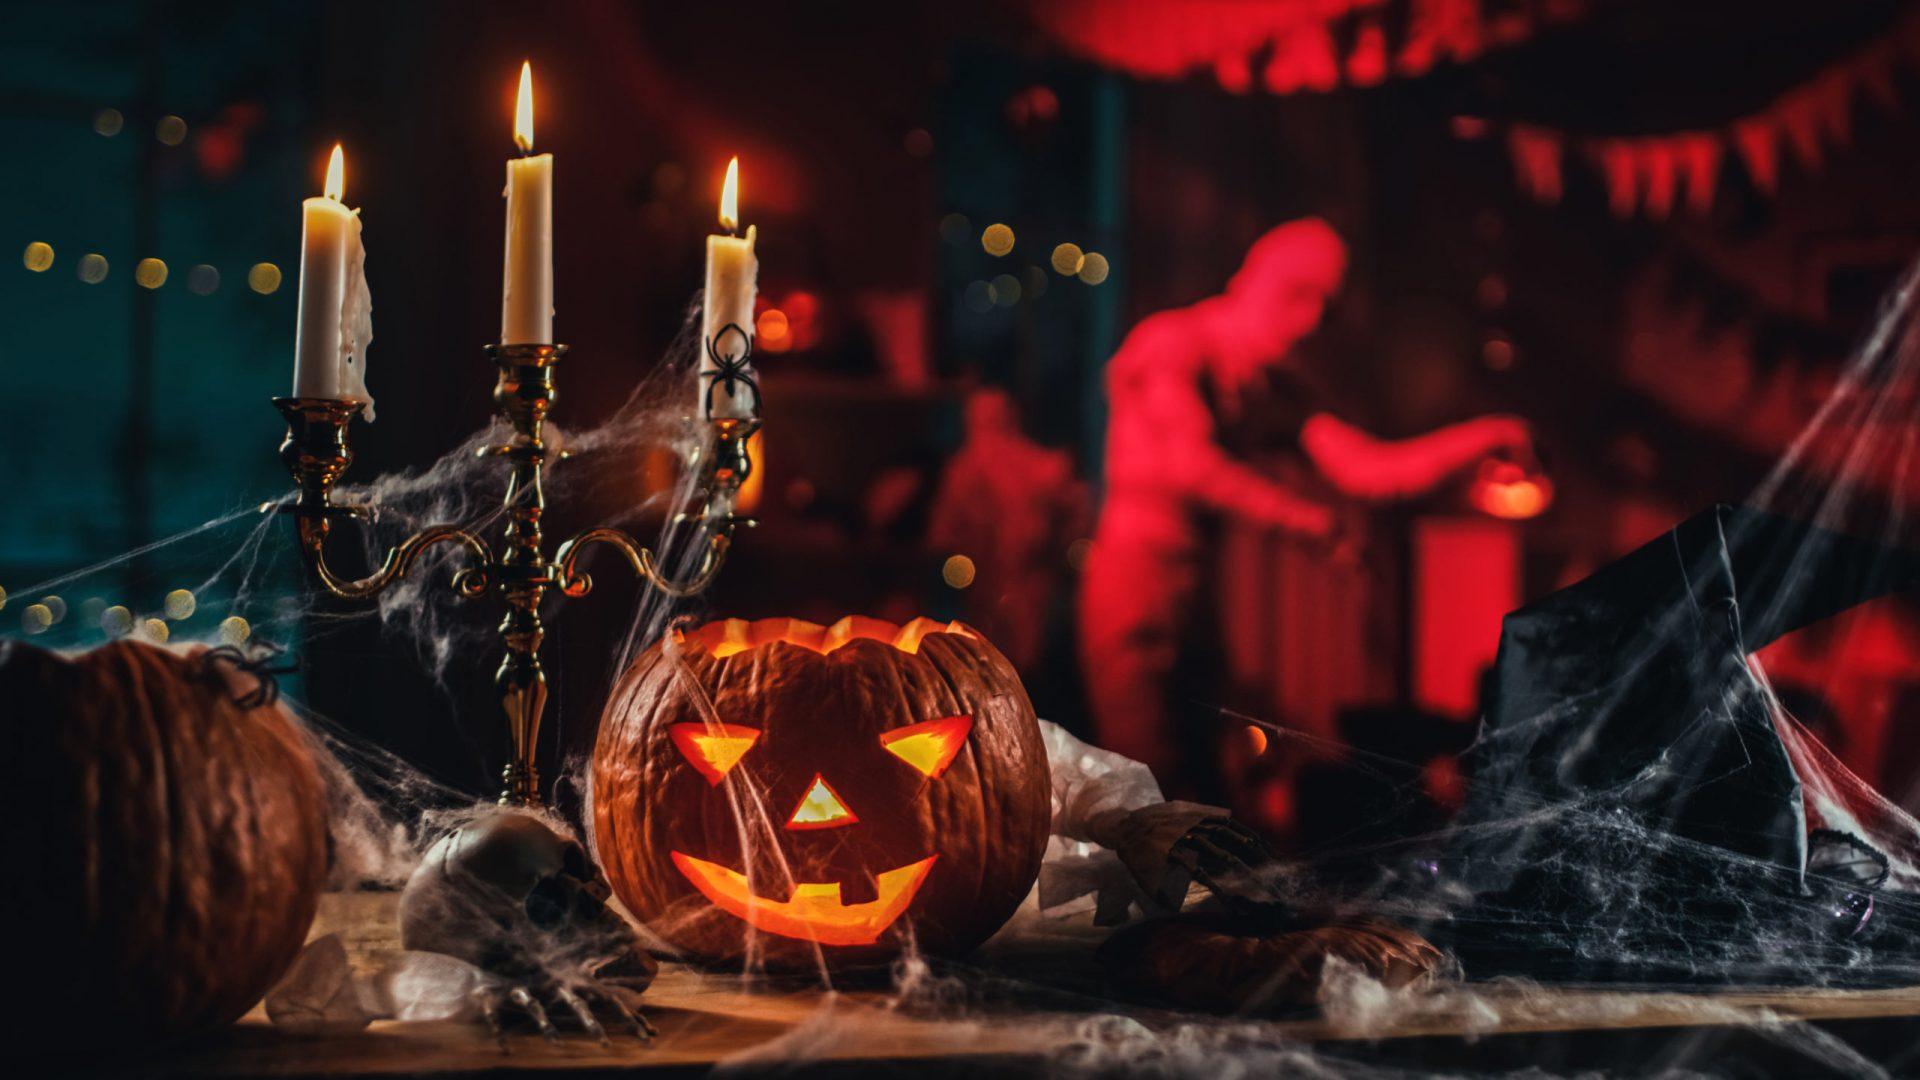 Des bonbons ou un sort ! Halloween en Moselle - Telex, l'info locale en Moselle Est